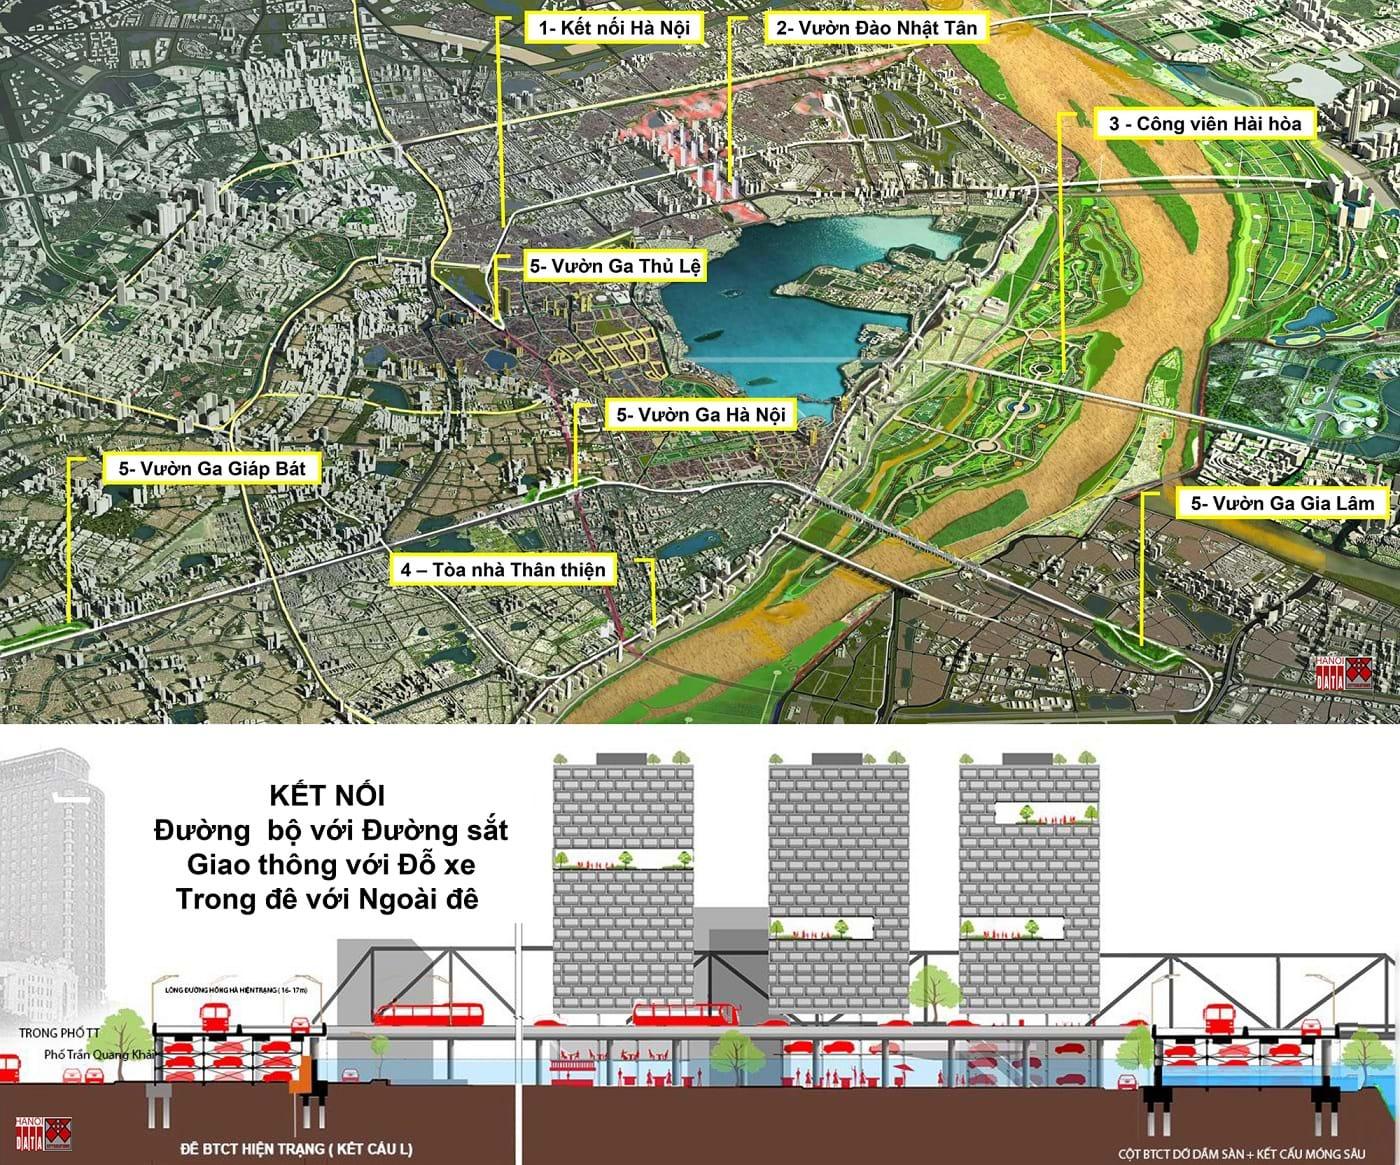 Đường bộ và đường sắt trên cao giải phóng mặt đất cho đường phố, không gian thương mại dịch vụ - tạo vốn đầu tư.  Các hà ga được giải phóng mặt đất để phát triển không gian Xanh – Vườn Nhà Ga